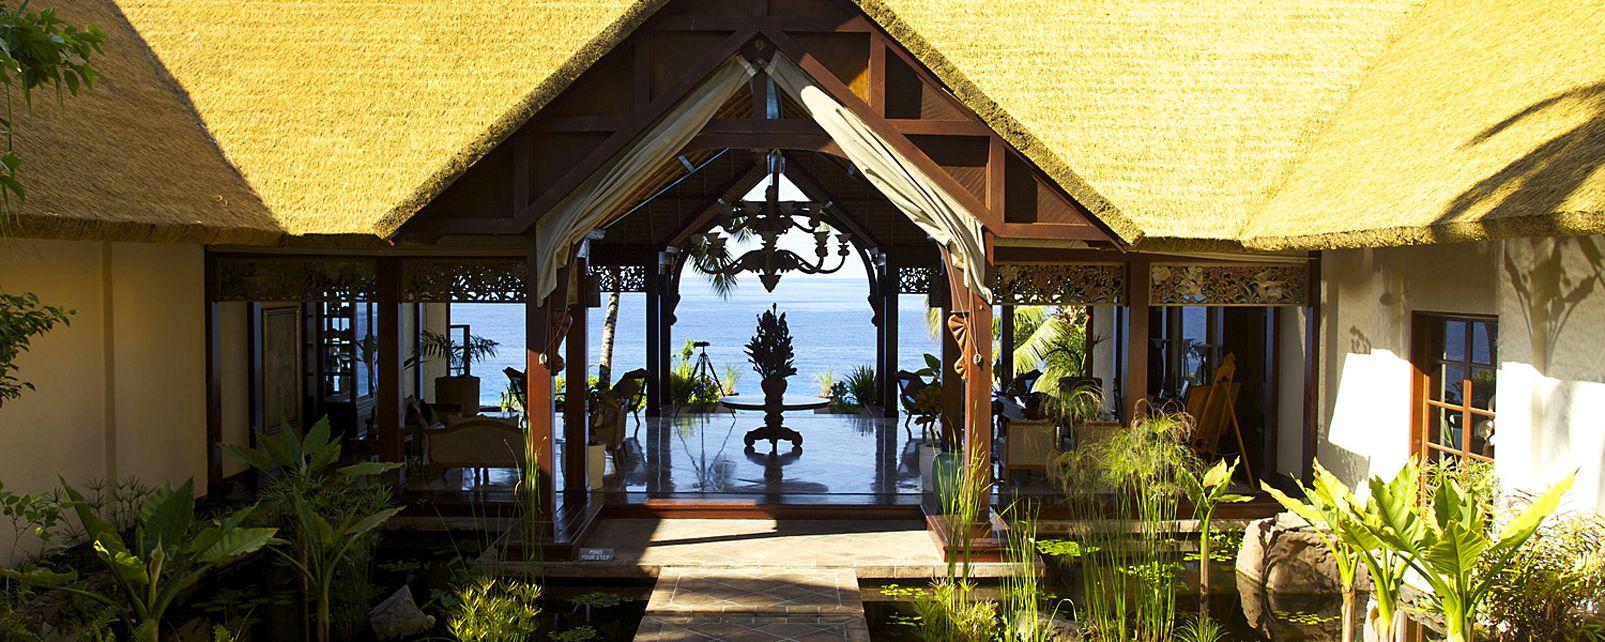 Hotel Fregate Island Private